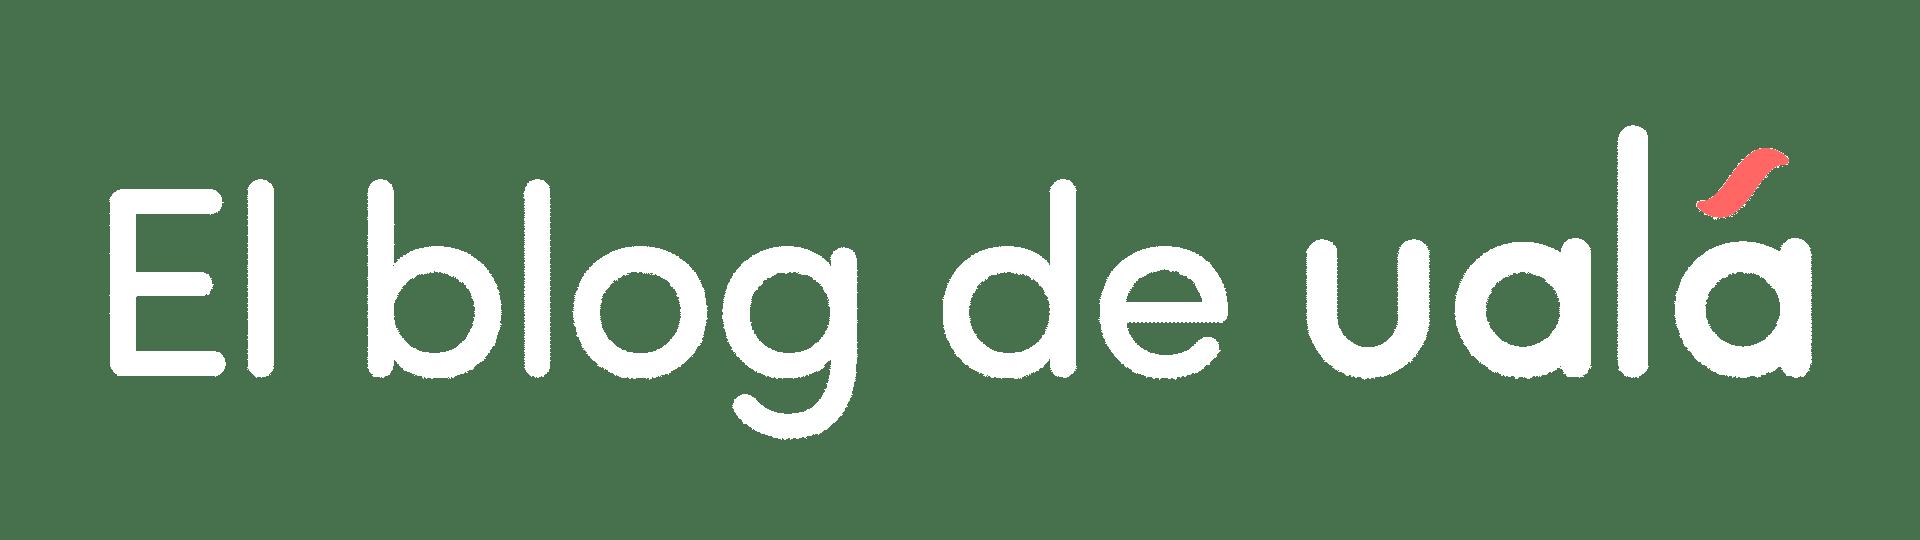 El blog de Ualá - Educación financiera